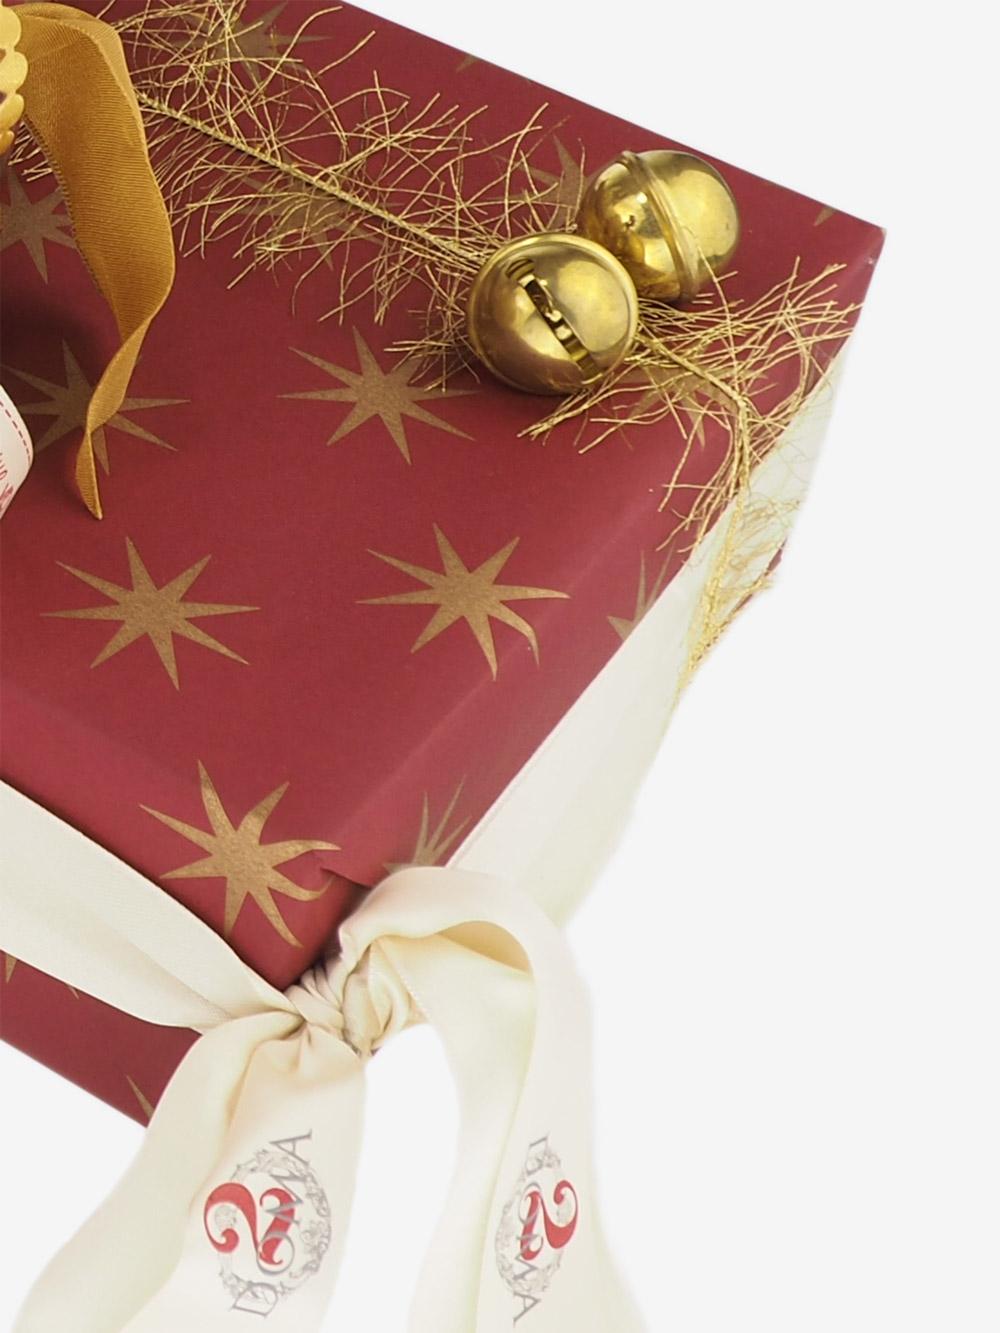 geschenkpapierverpackung-dunkelrot-mit-sternen-gold